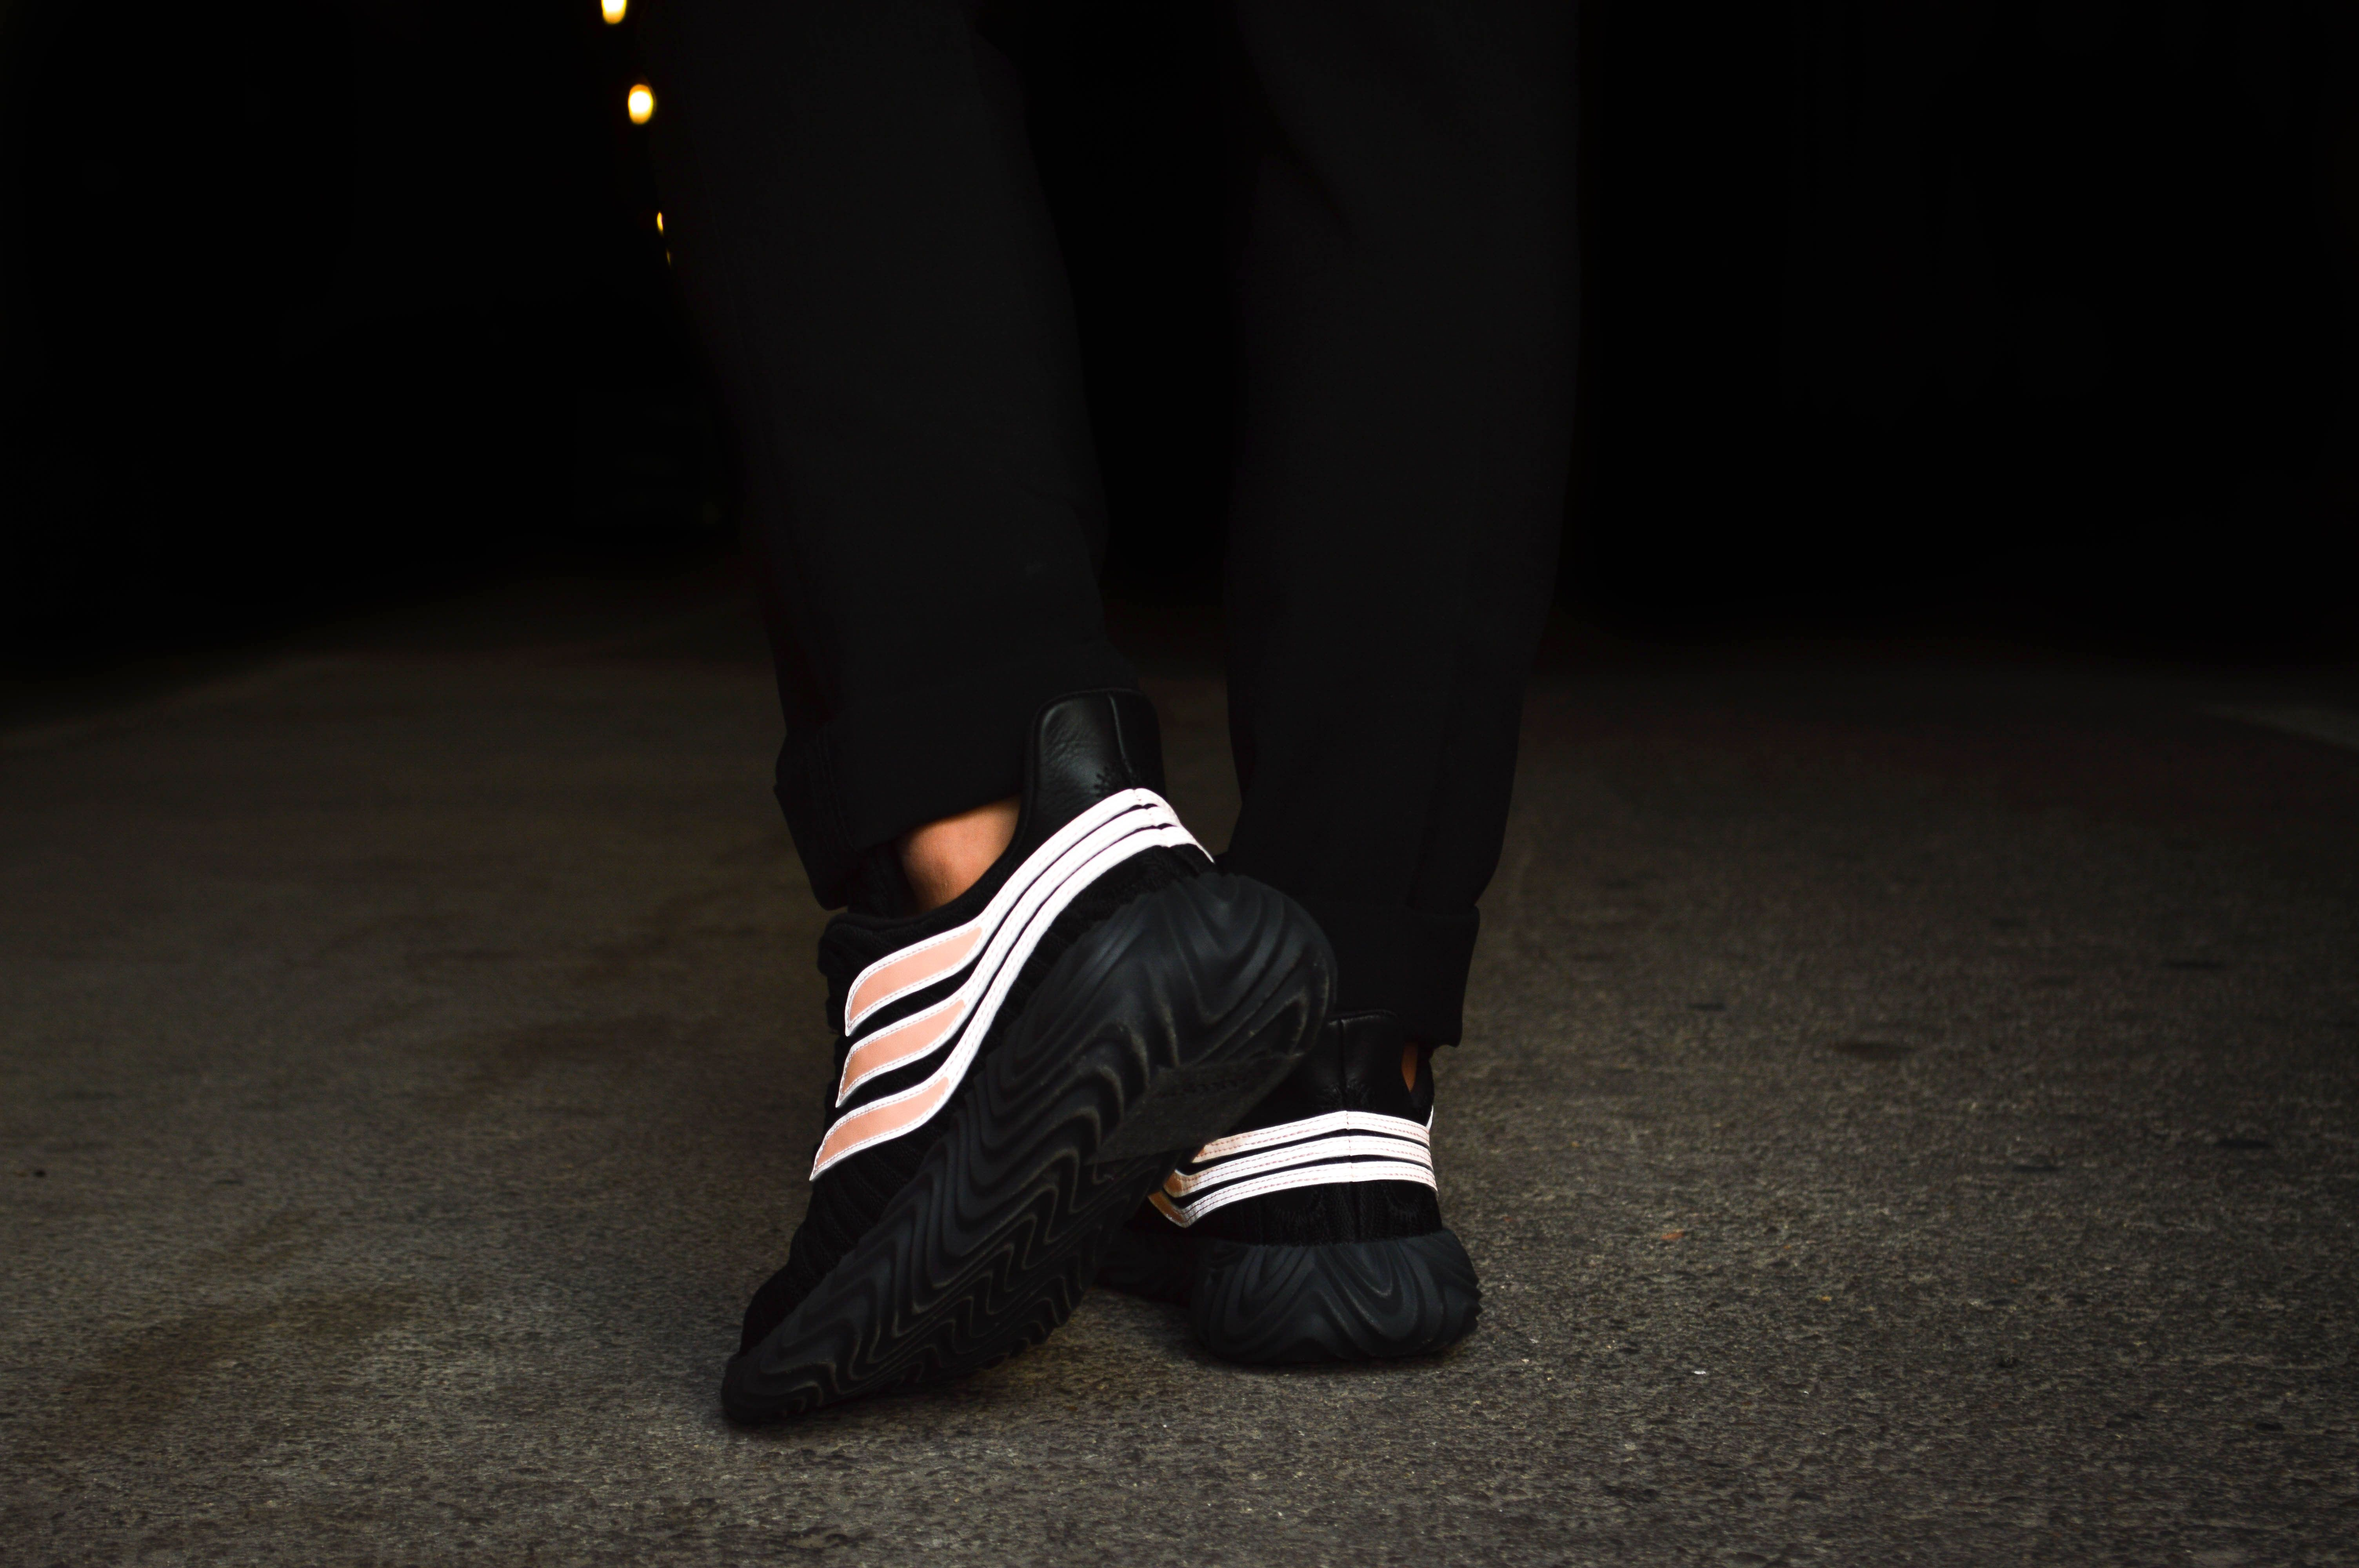 zapatillas reflectantes adidas hombre